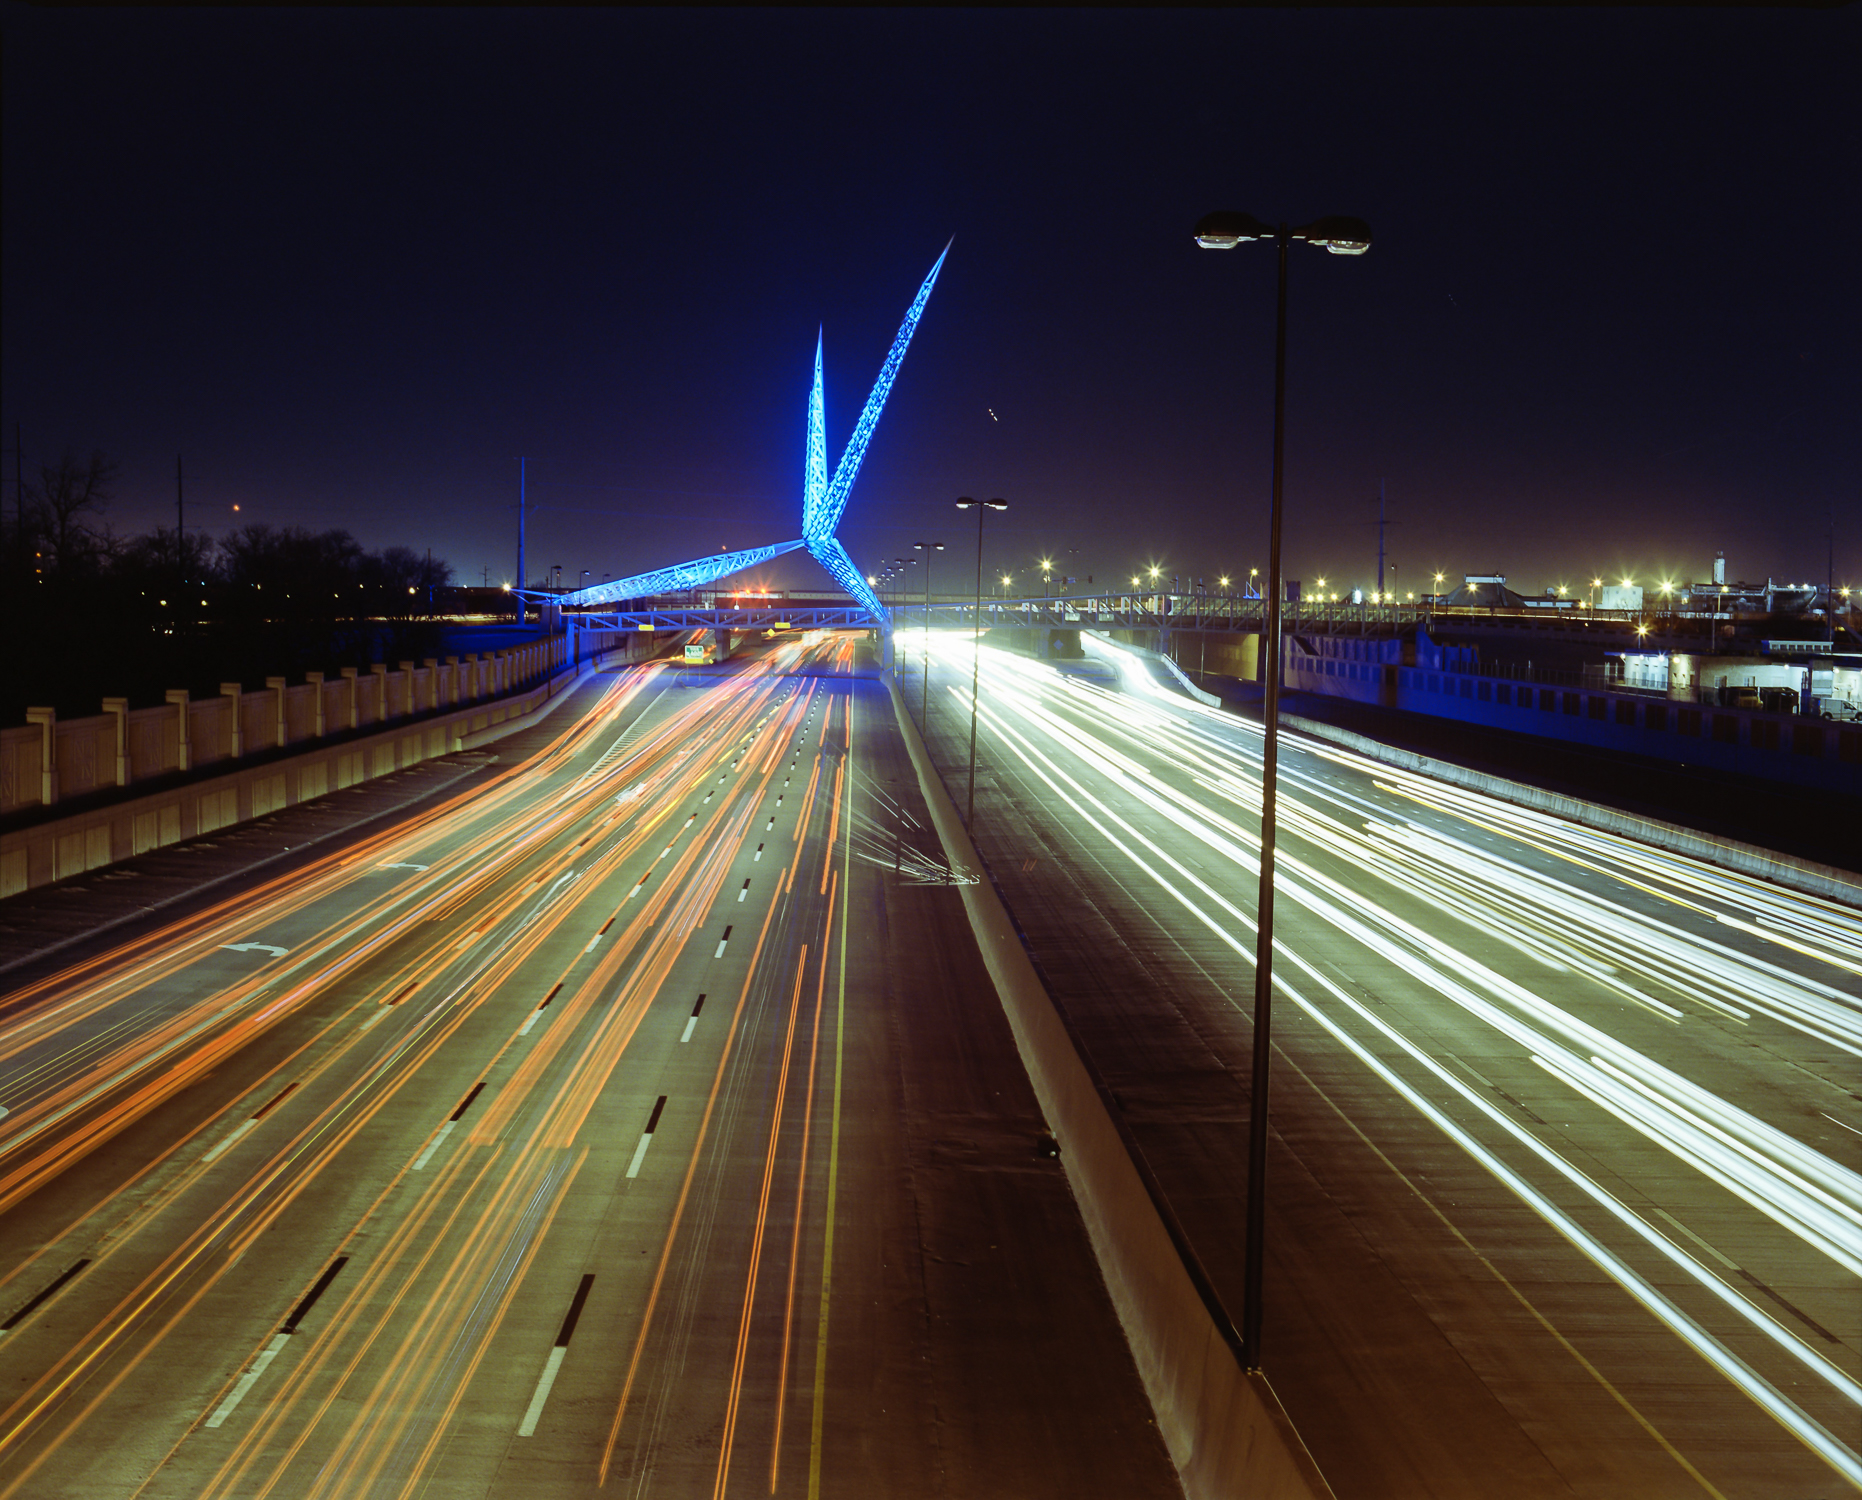 Skydance Bridge